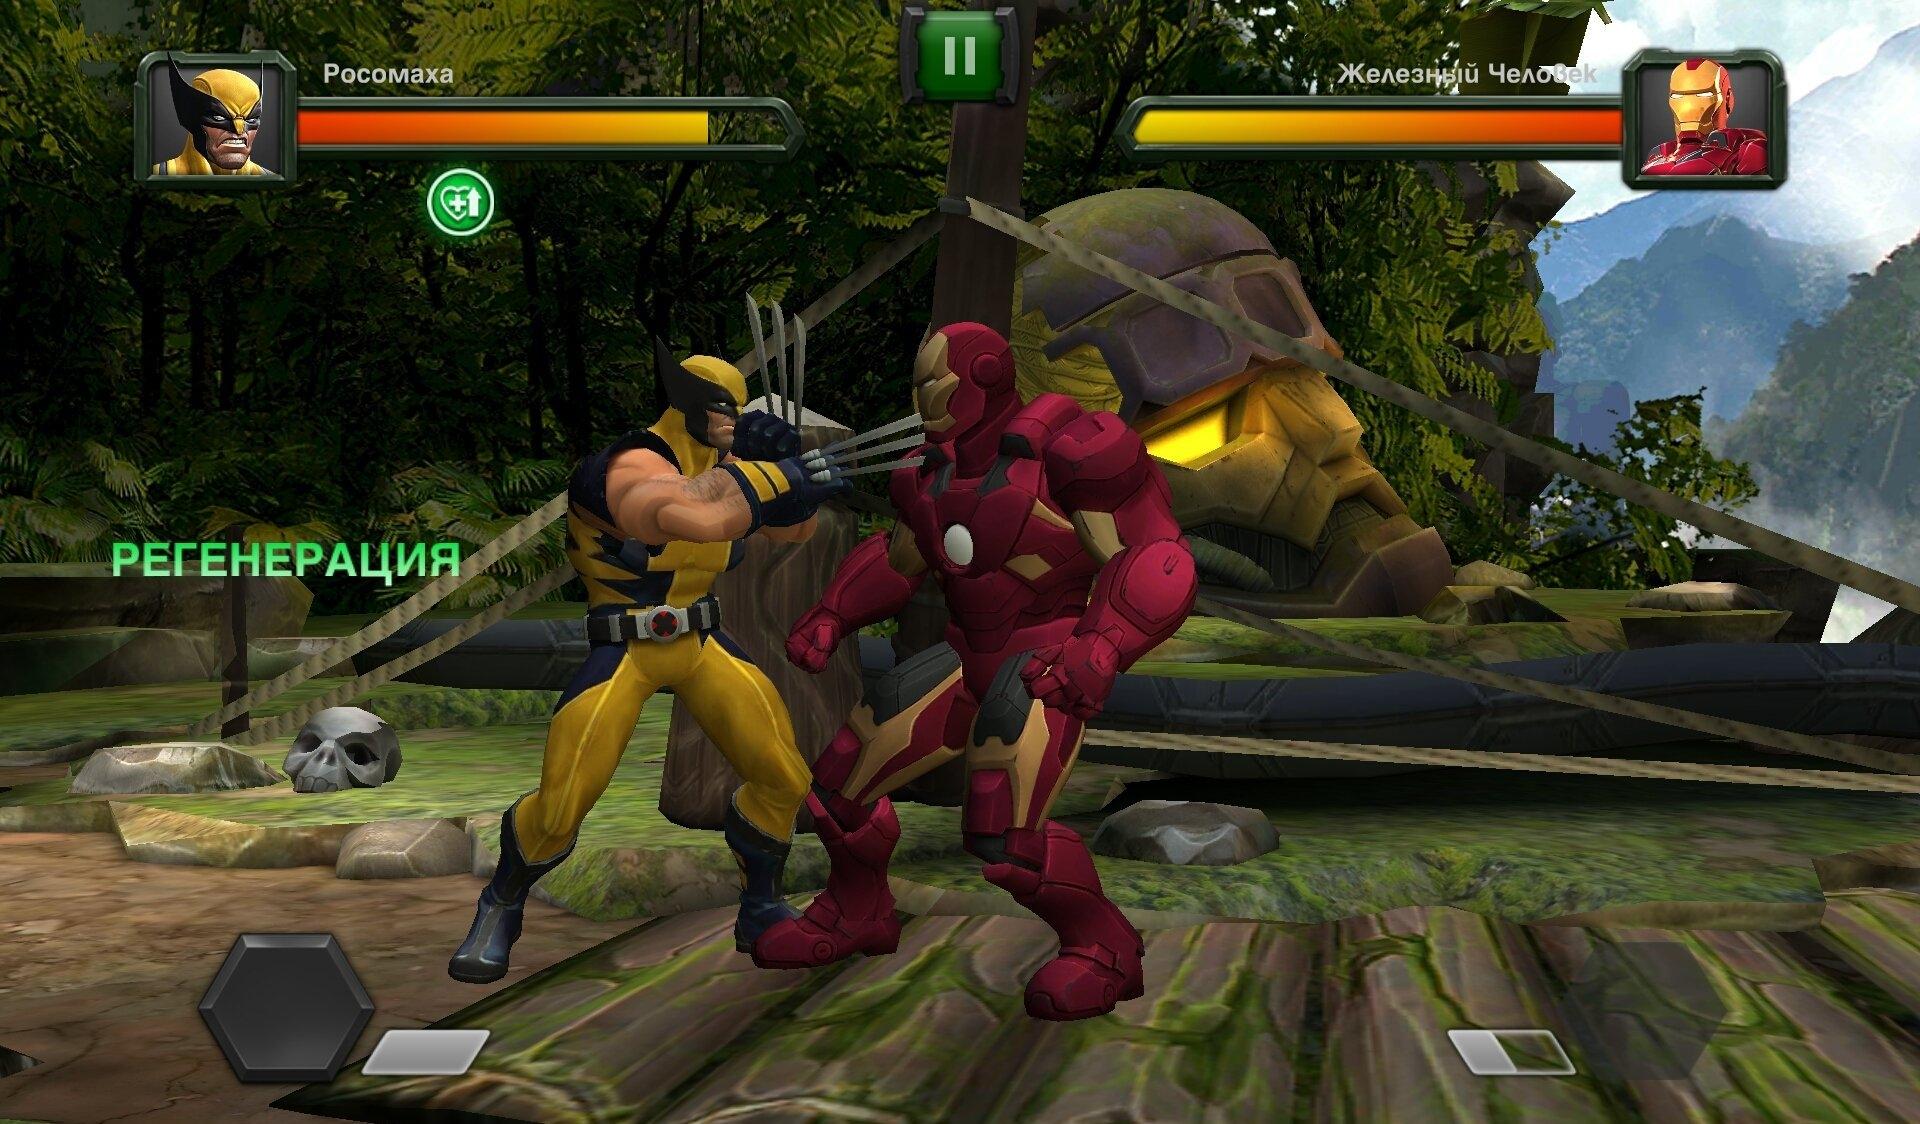 Марвел битва чемпионов скачать взломанную версию